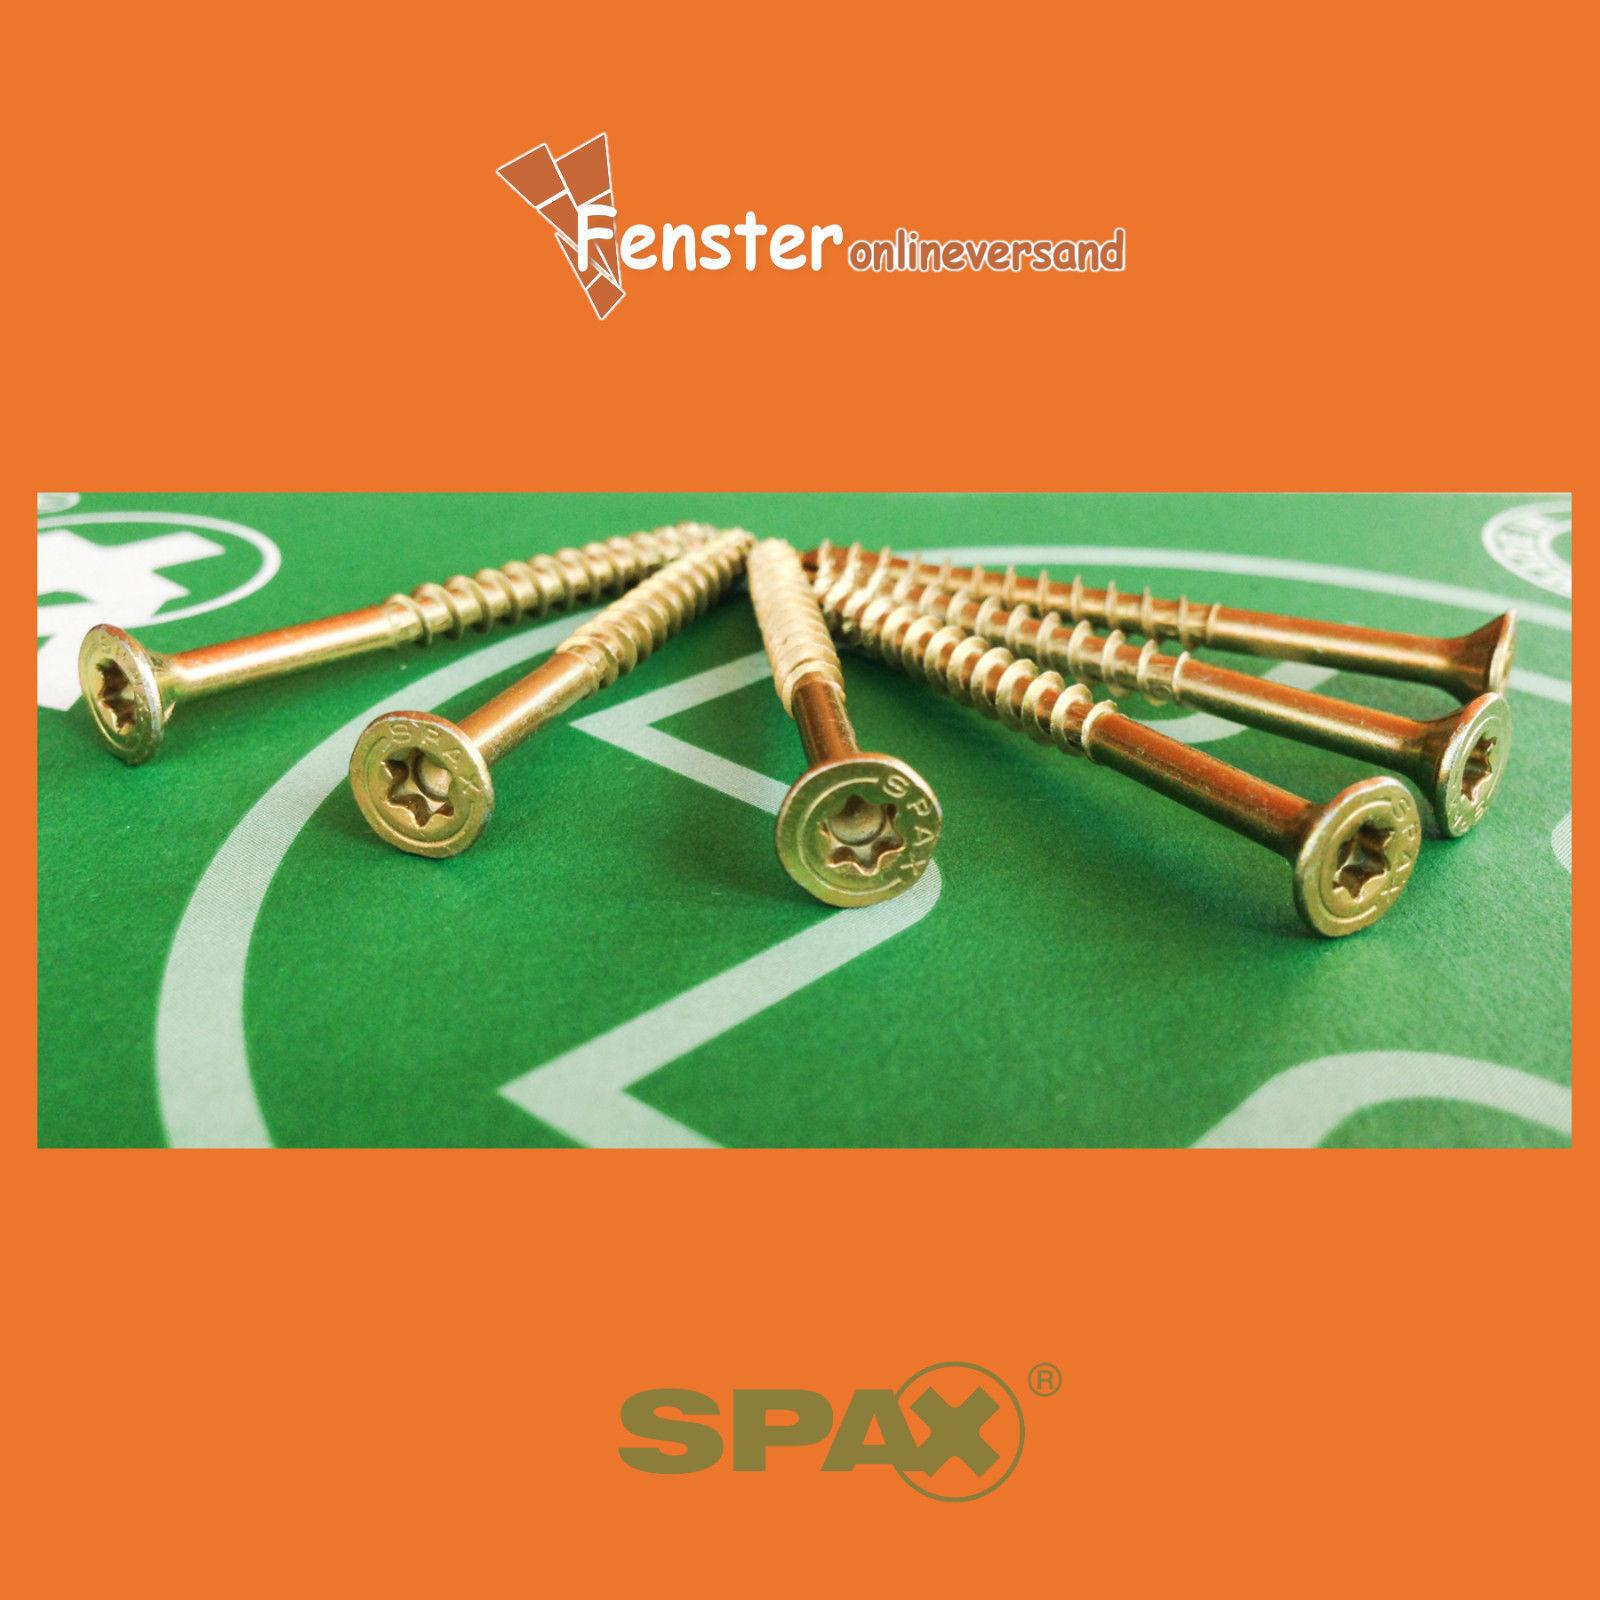 ORIGINAL SPAX ® Spanplattenschrauben T-Star Torx Senkkopf verzinkt ALLE GRÖßEN